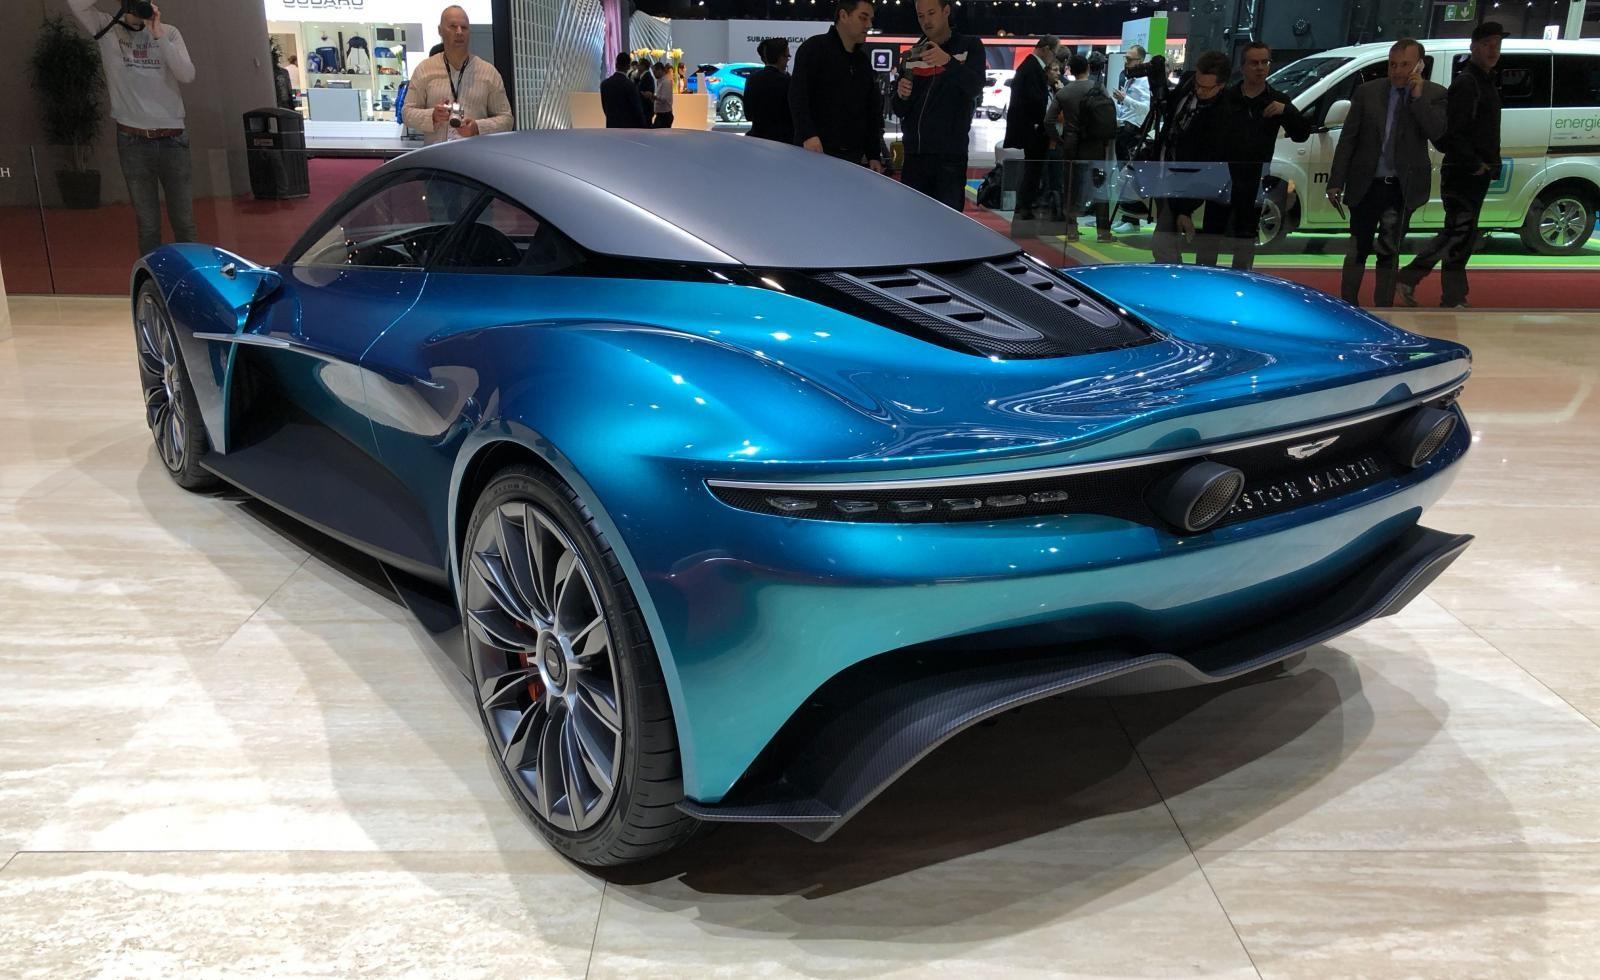 Aston Martin Vanquish Vision Concept bản thương mại sẽ là xe hybrid xăng-điện